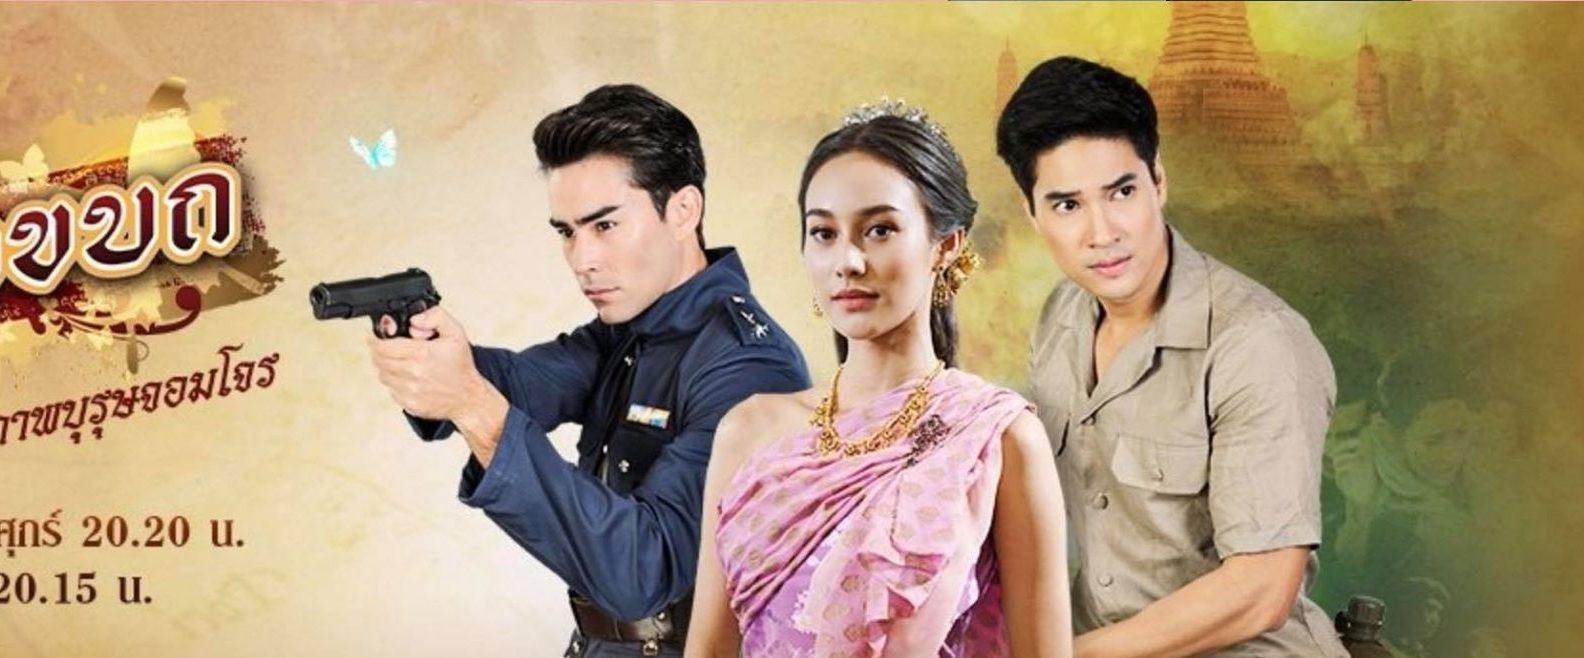 phim truyền hình Thái Lan 1